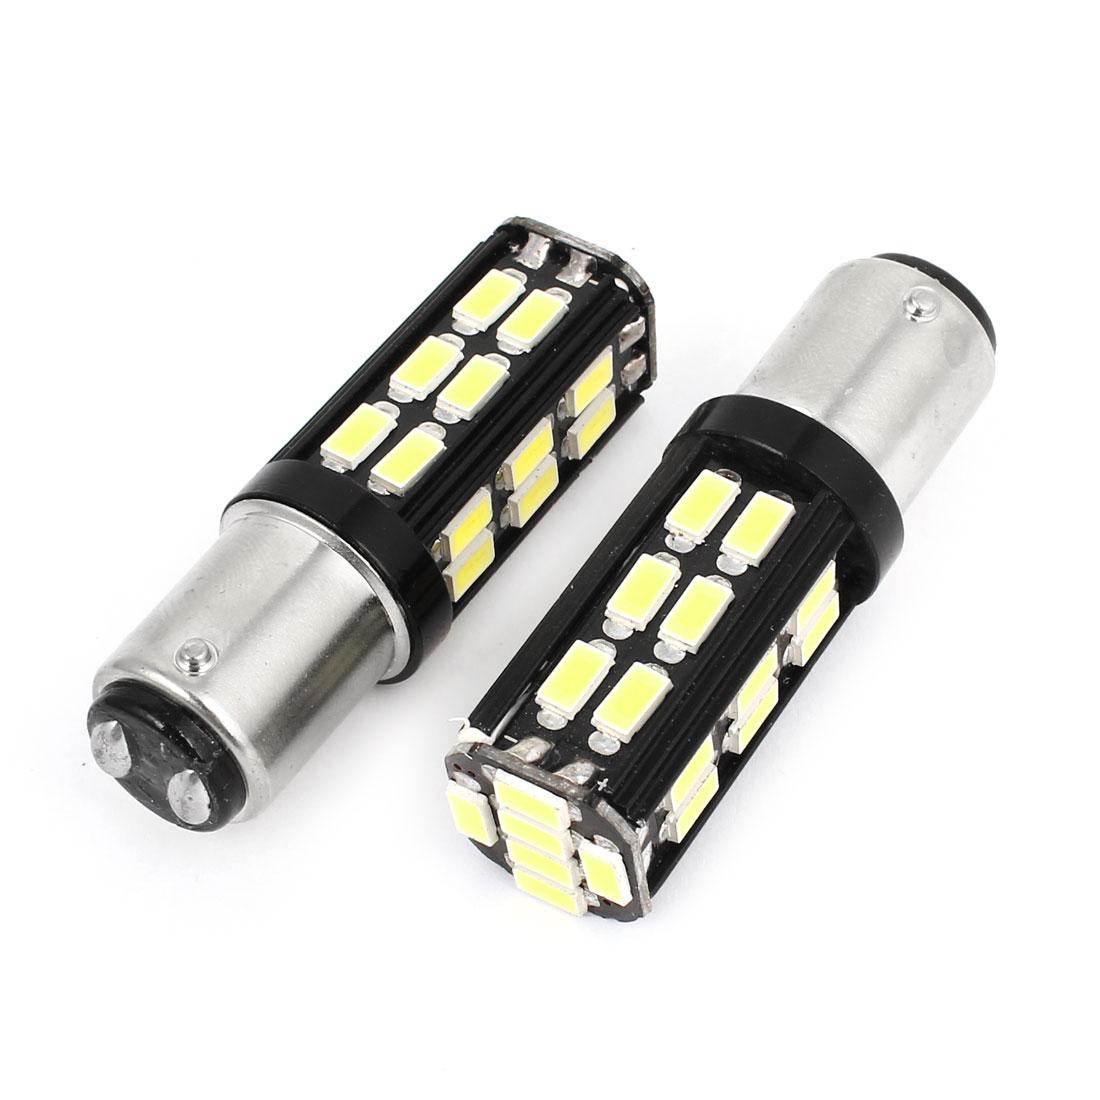 Pair No Error 12-24V 1157 5630 30-SMD White LED Brake Turn Signal Light for Car